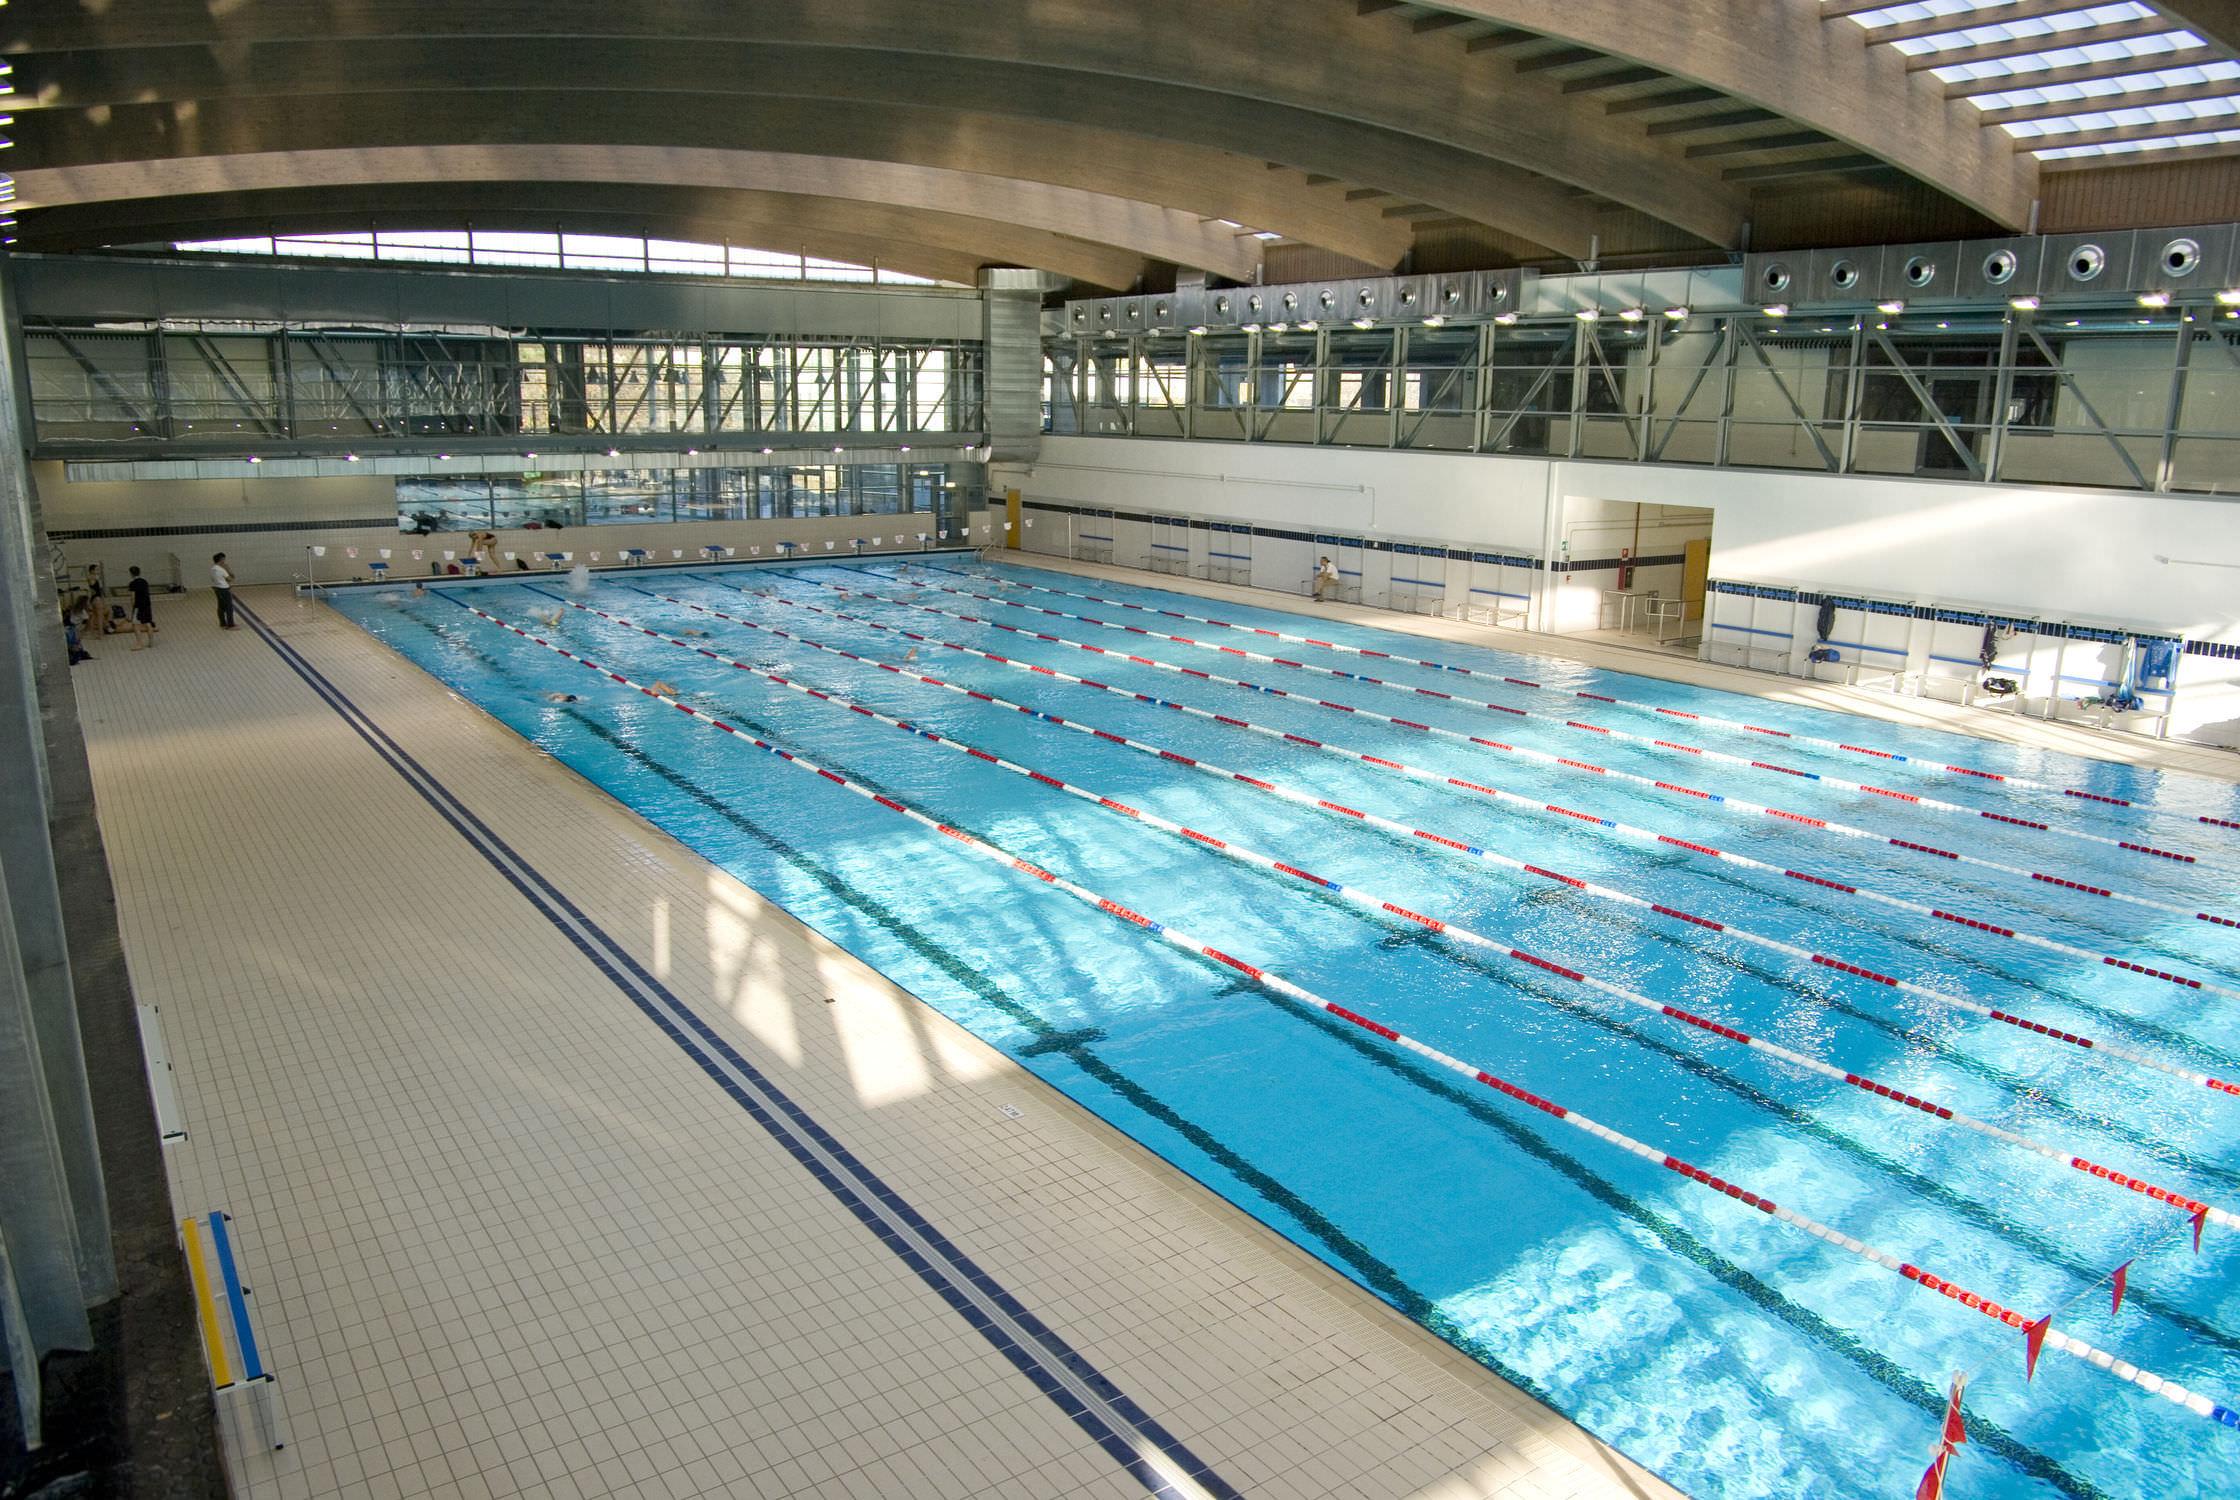 Indoor public pool  Concrete competition pool / public / indoor / indoor - MUNICIPAL ...